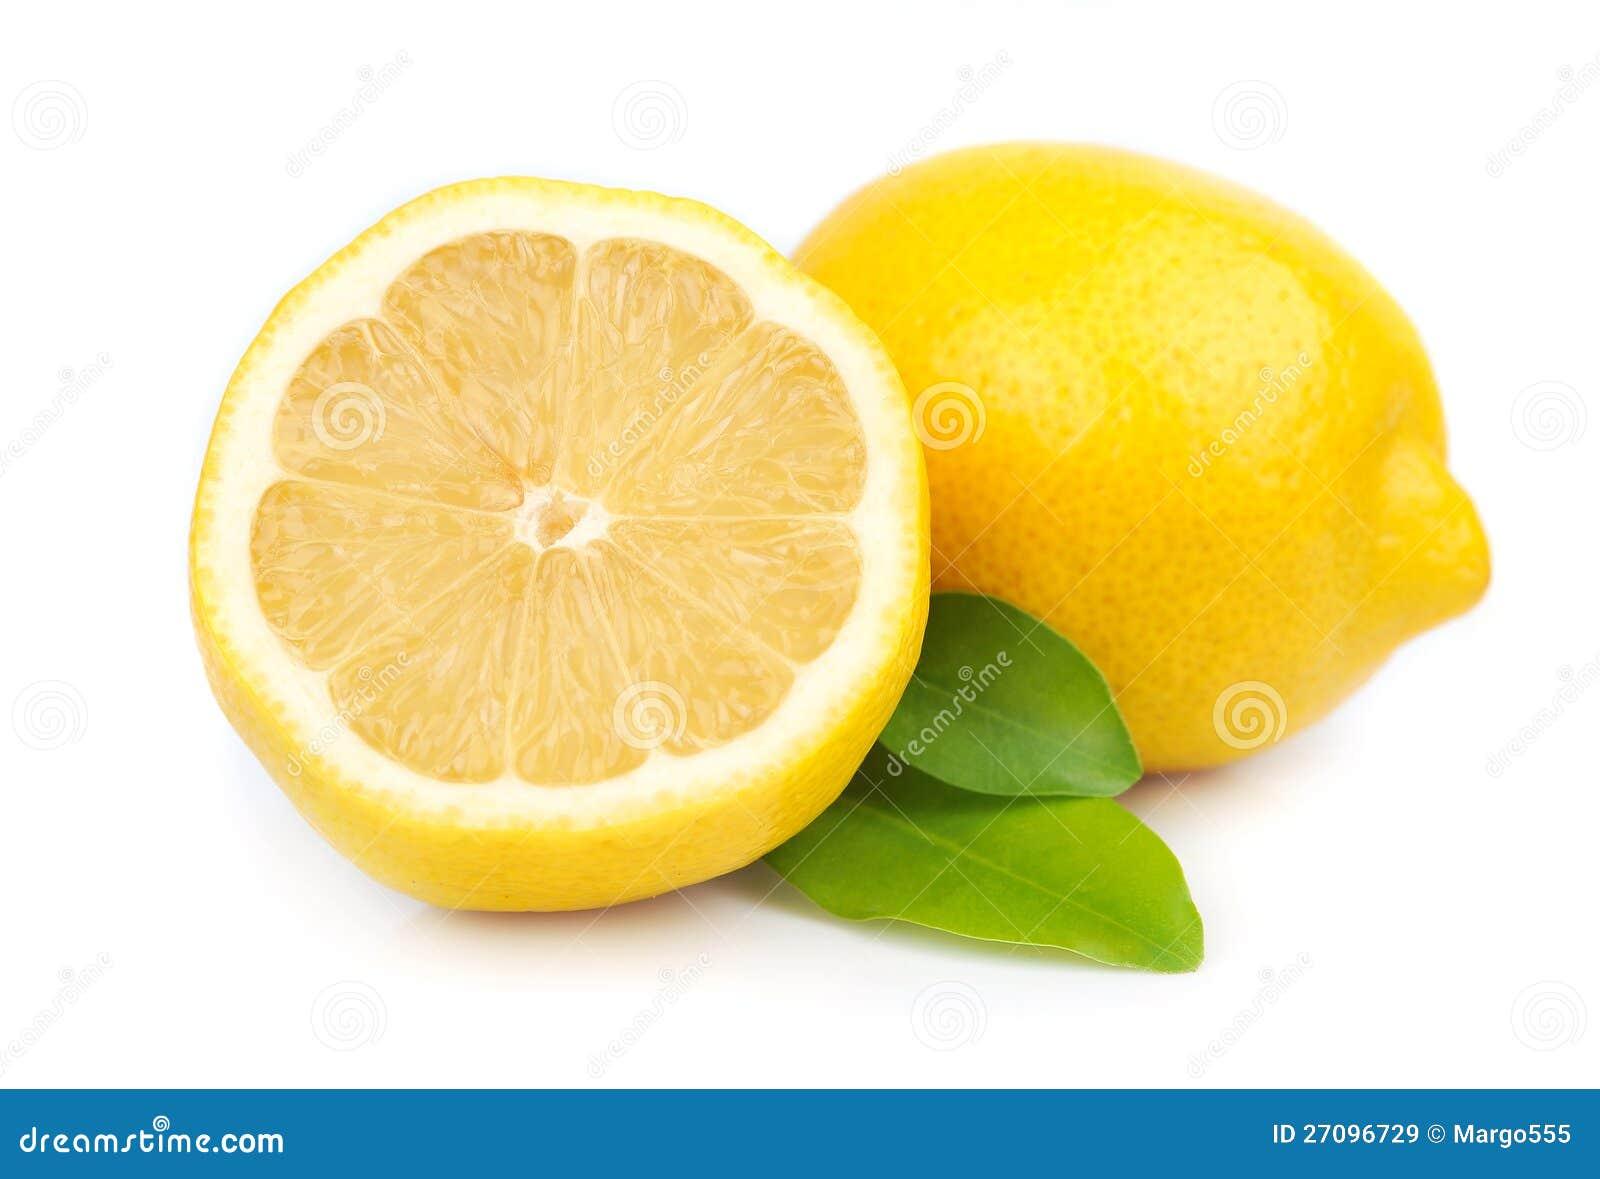 how to cut lemon sour